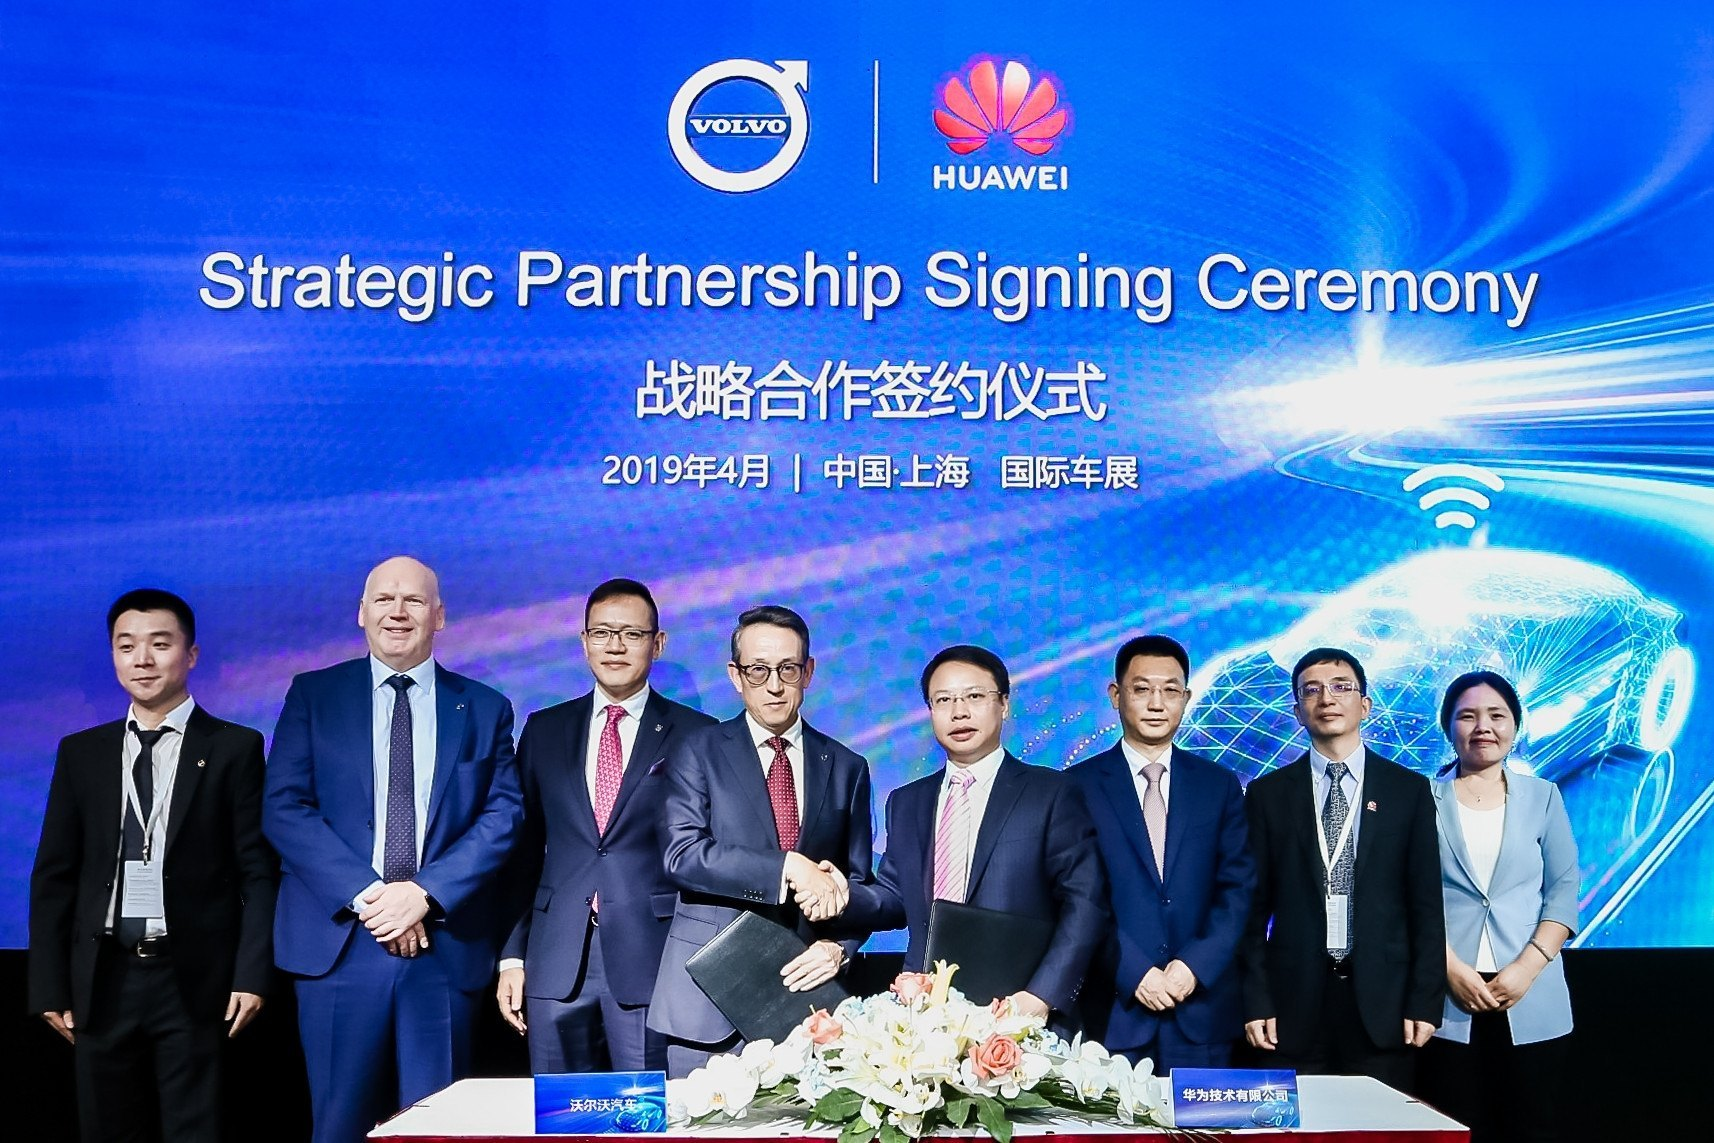 沃尔沃与华为达成战略合作 打造车内智能服务平台